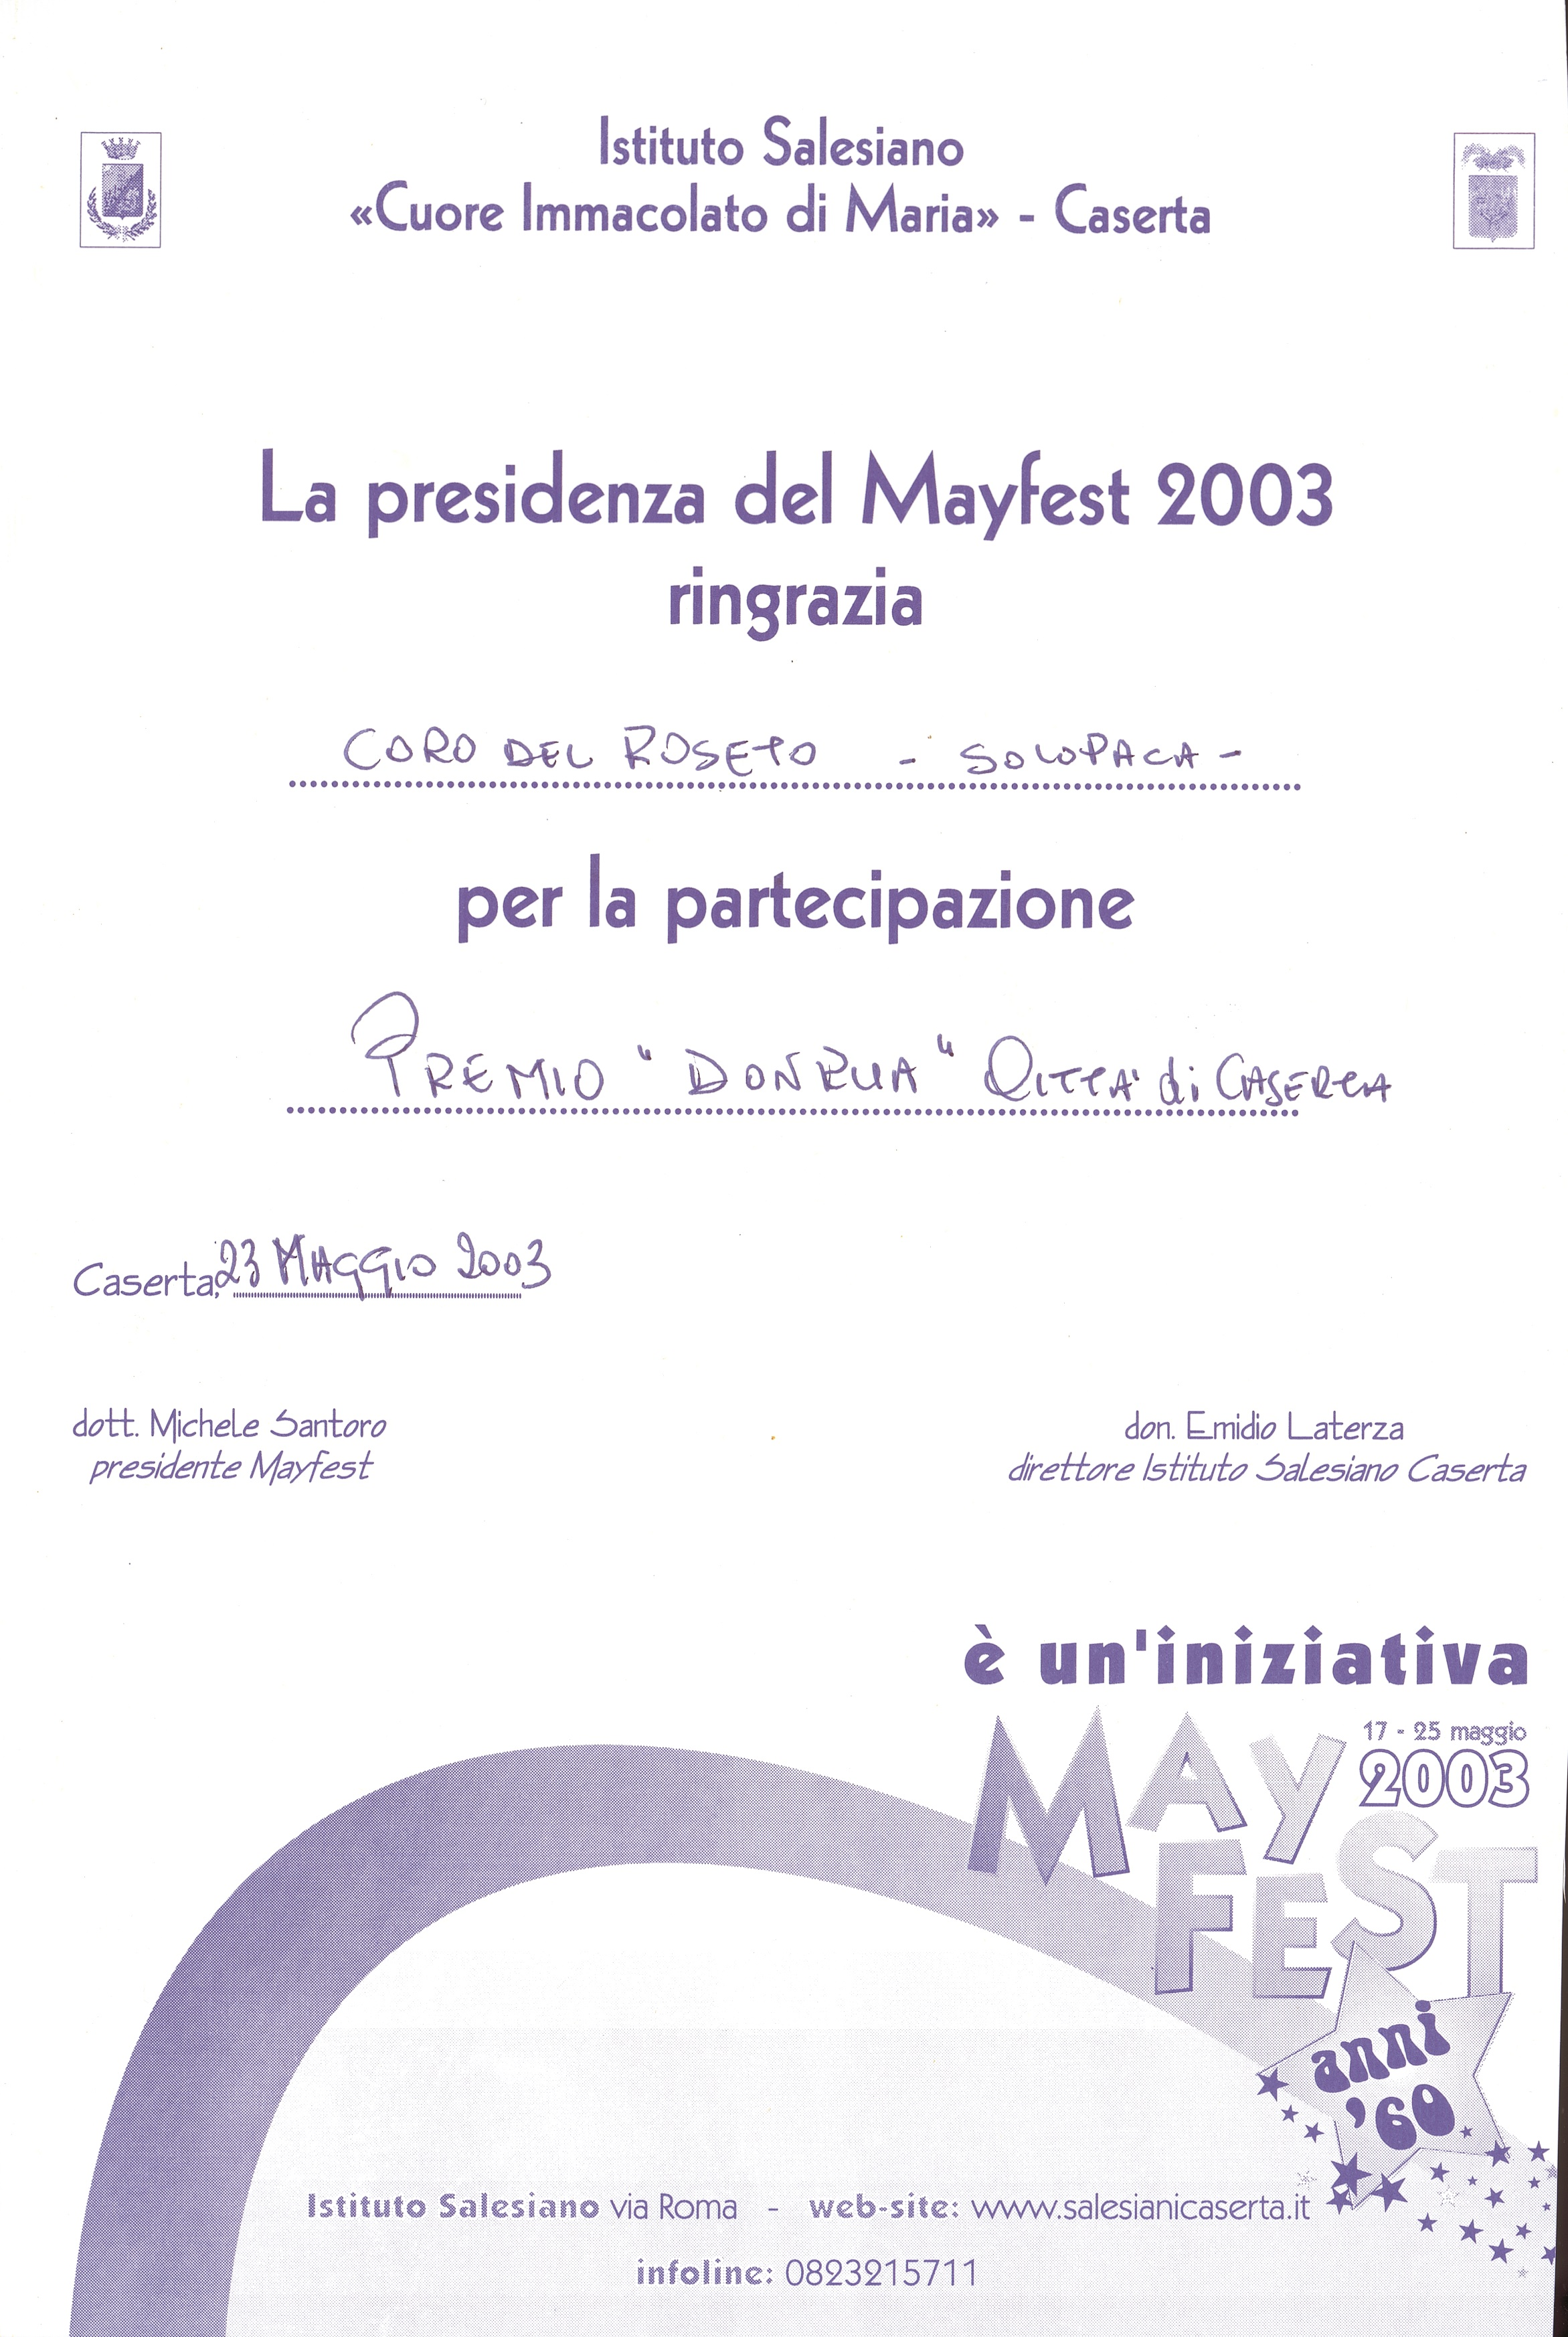 Caserta MAYFEST 2003